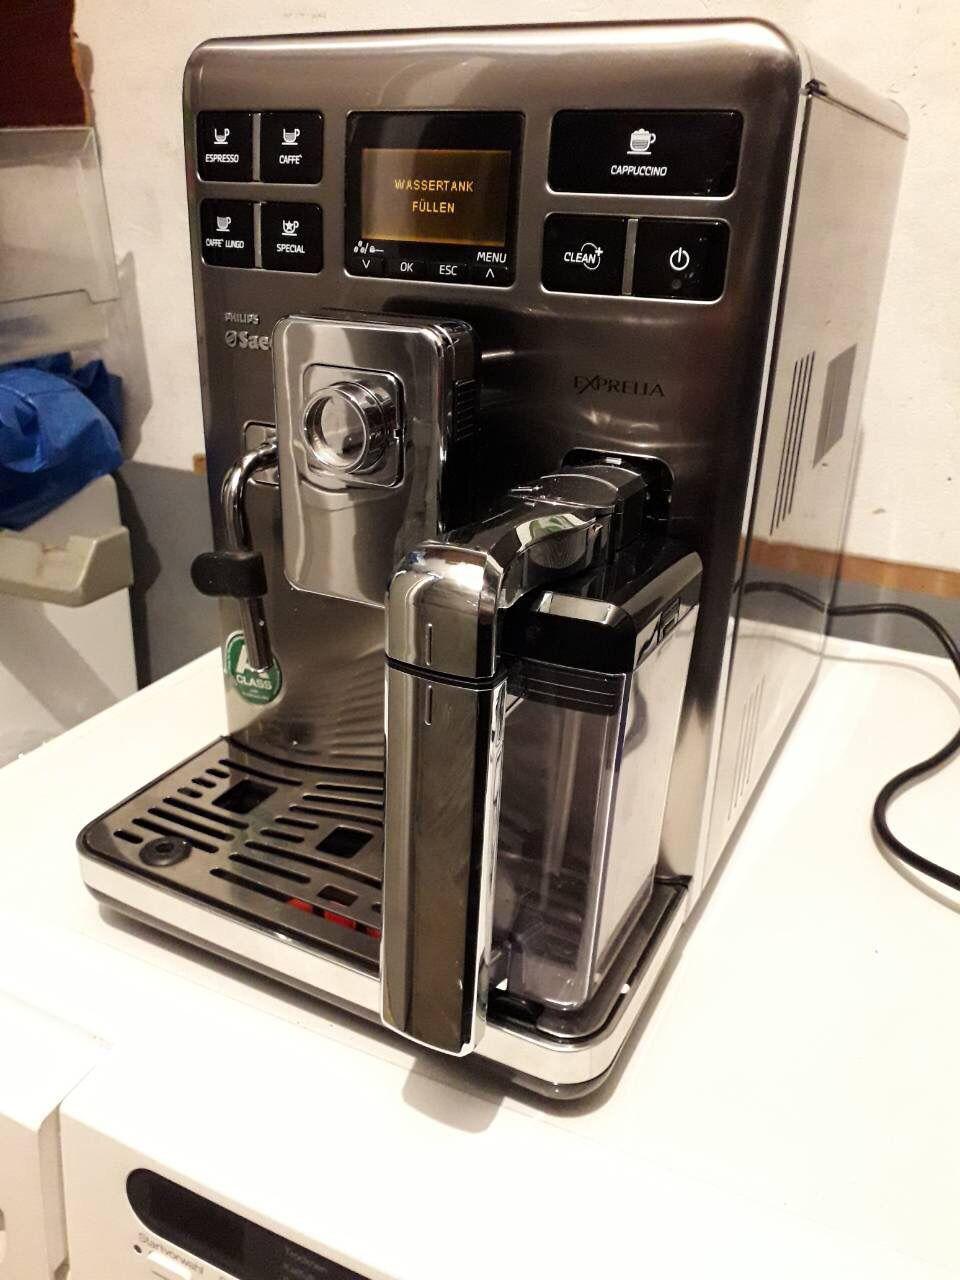 кленовая трость, чехол для кофемашины саеко фото можно использовать отдельно